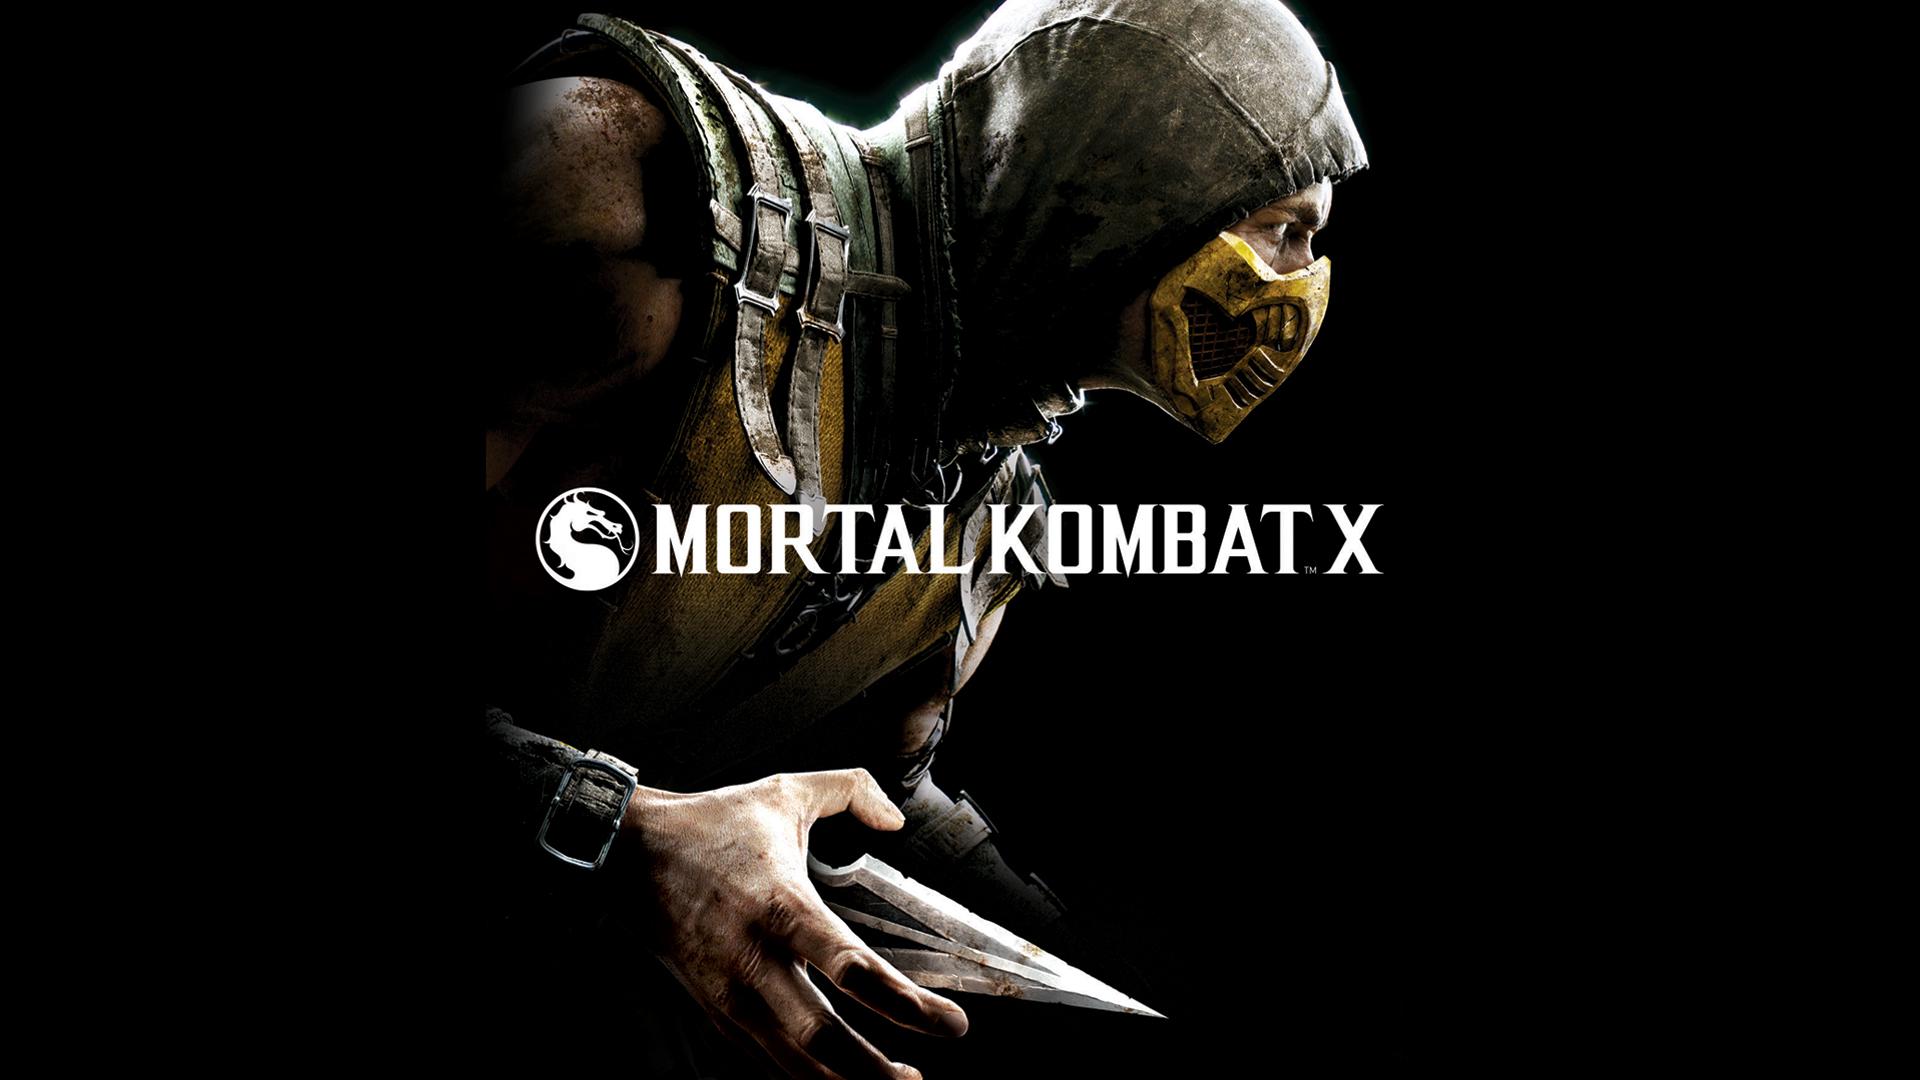 scorpion mortal kombat x combat game fighting hd 1920x1080 1080p 1920x1080